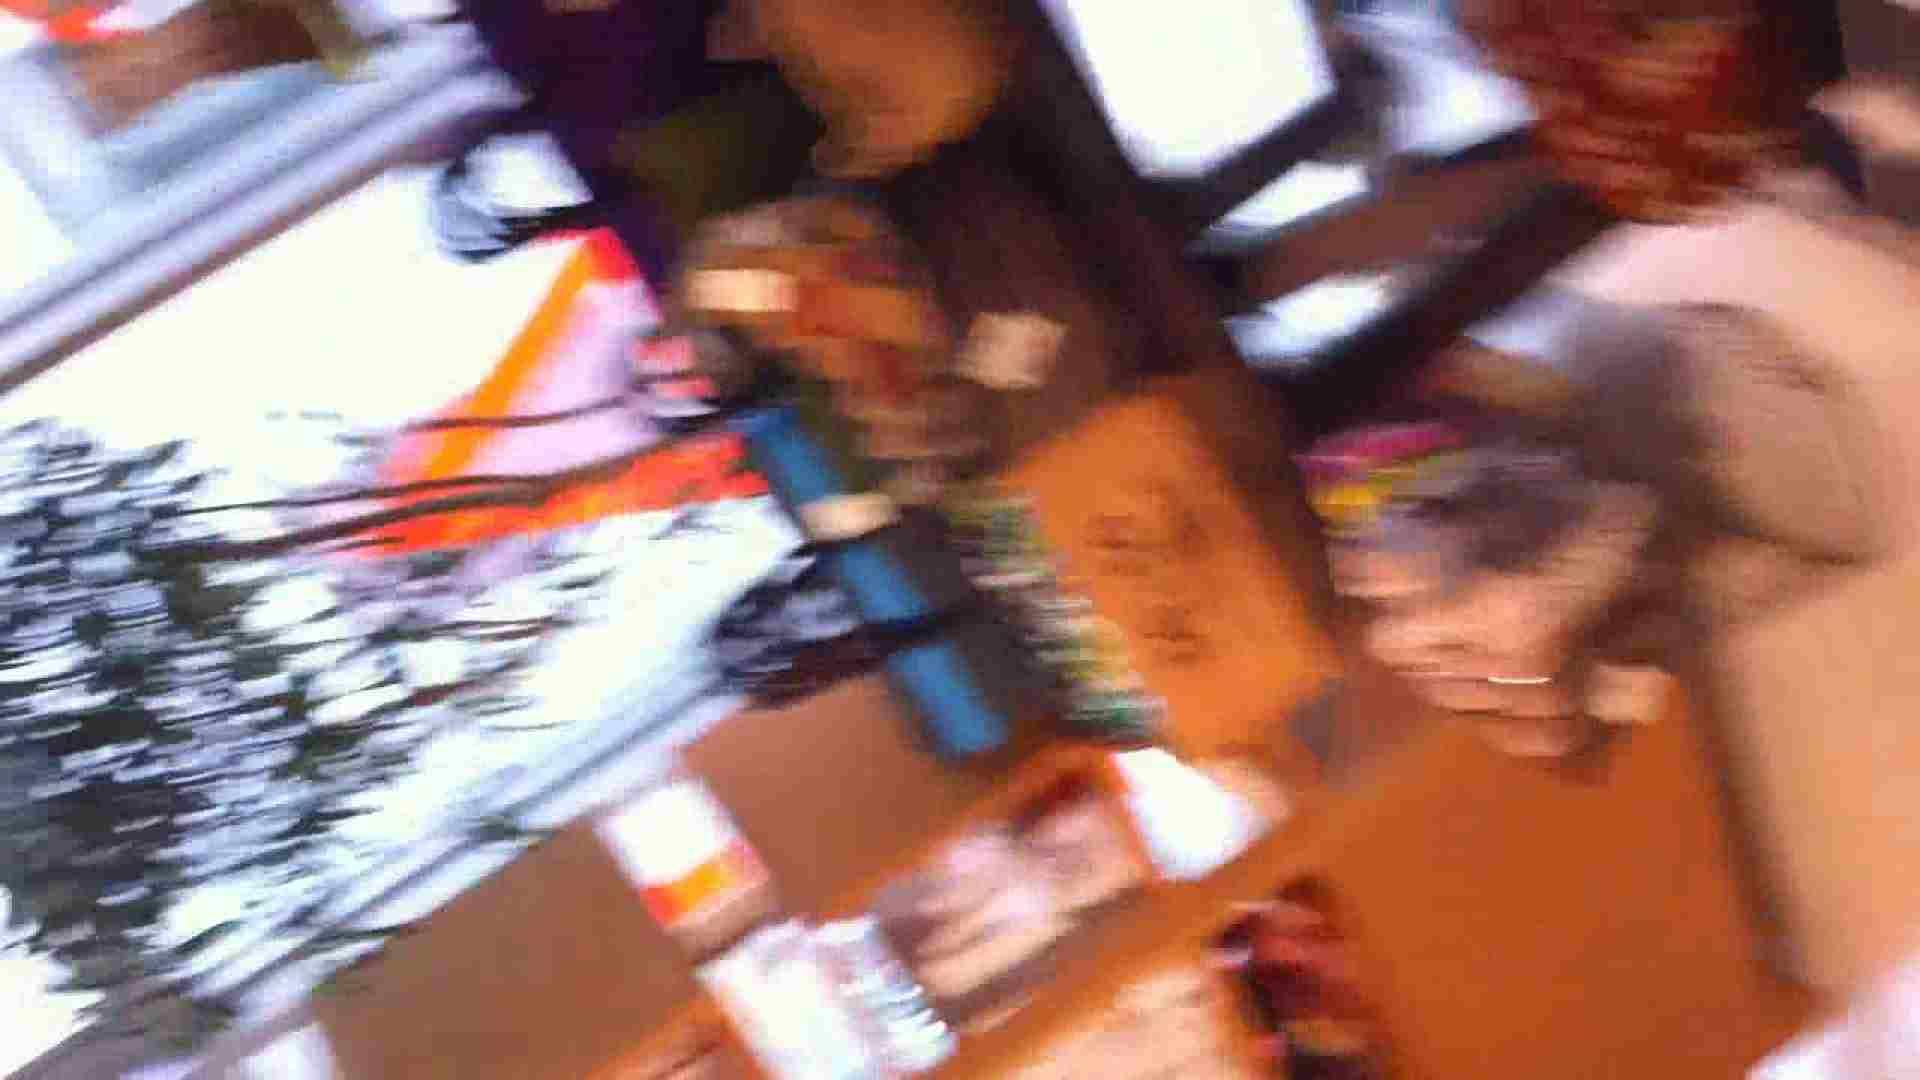 フルHD ショップ店員千人斬り! 大画面ノーカット完全版 vol.07 OLエロ画像 隠し撮りすけべAV動画紹介 109PICs 98